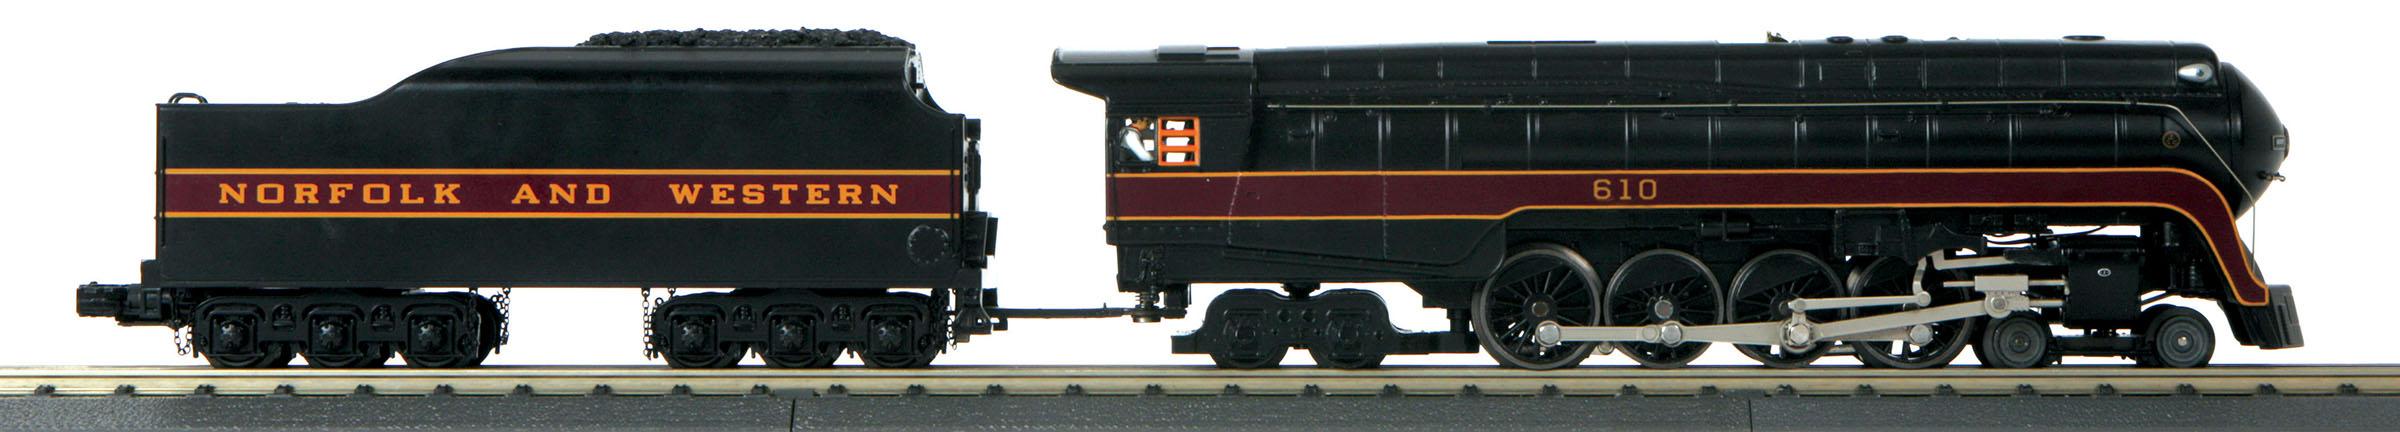 MTH 3017921 O-27 Imperial 4-8-4 J w/PS3 N&W #610